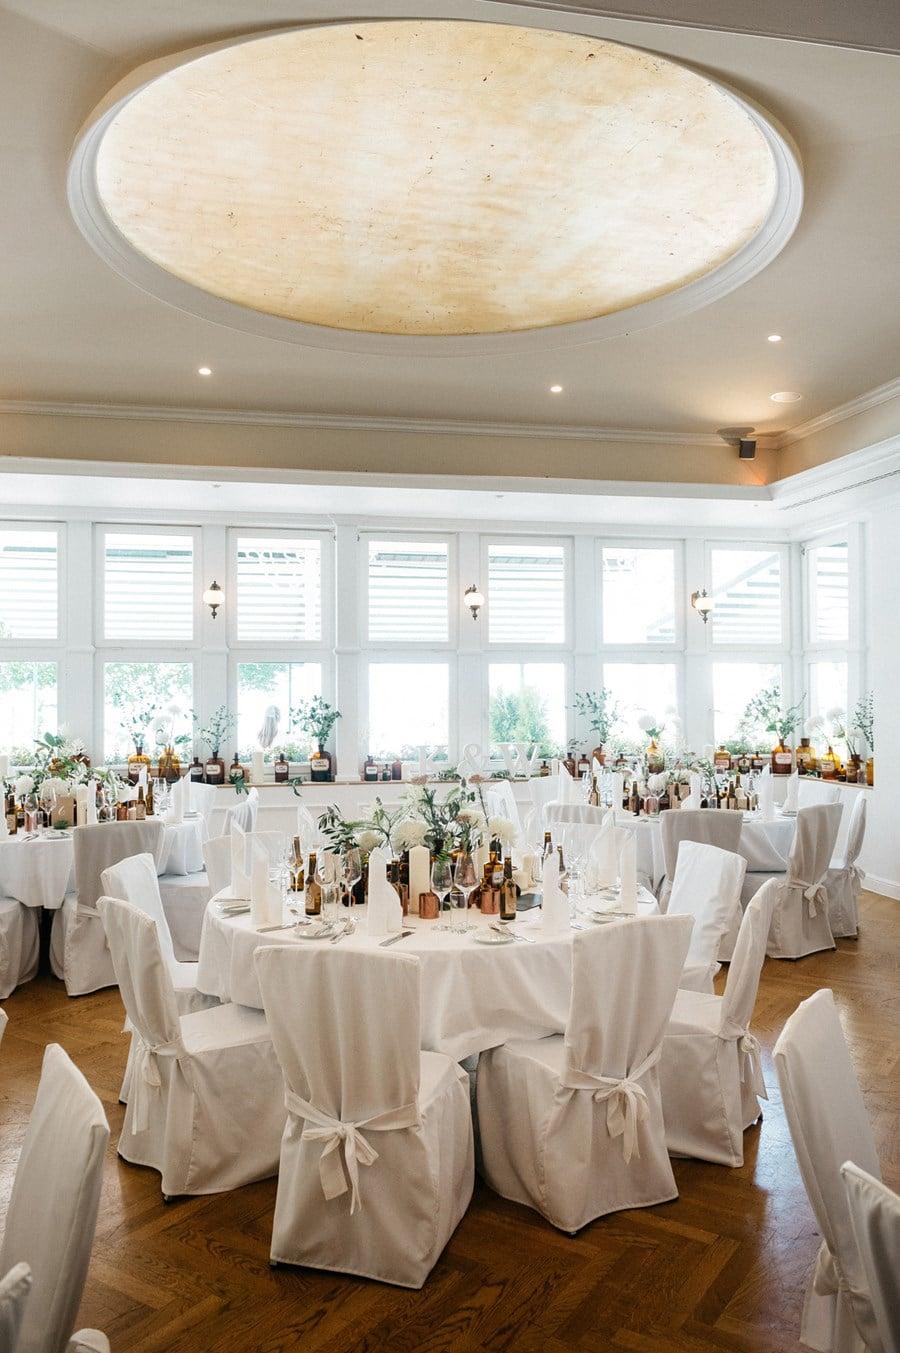 Klassisch Elegante Hochzeit In Weiss Kupfer Und Braun Am Starnberger See